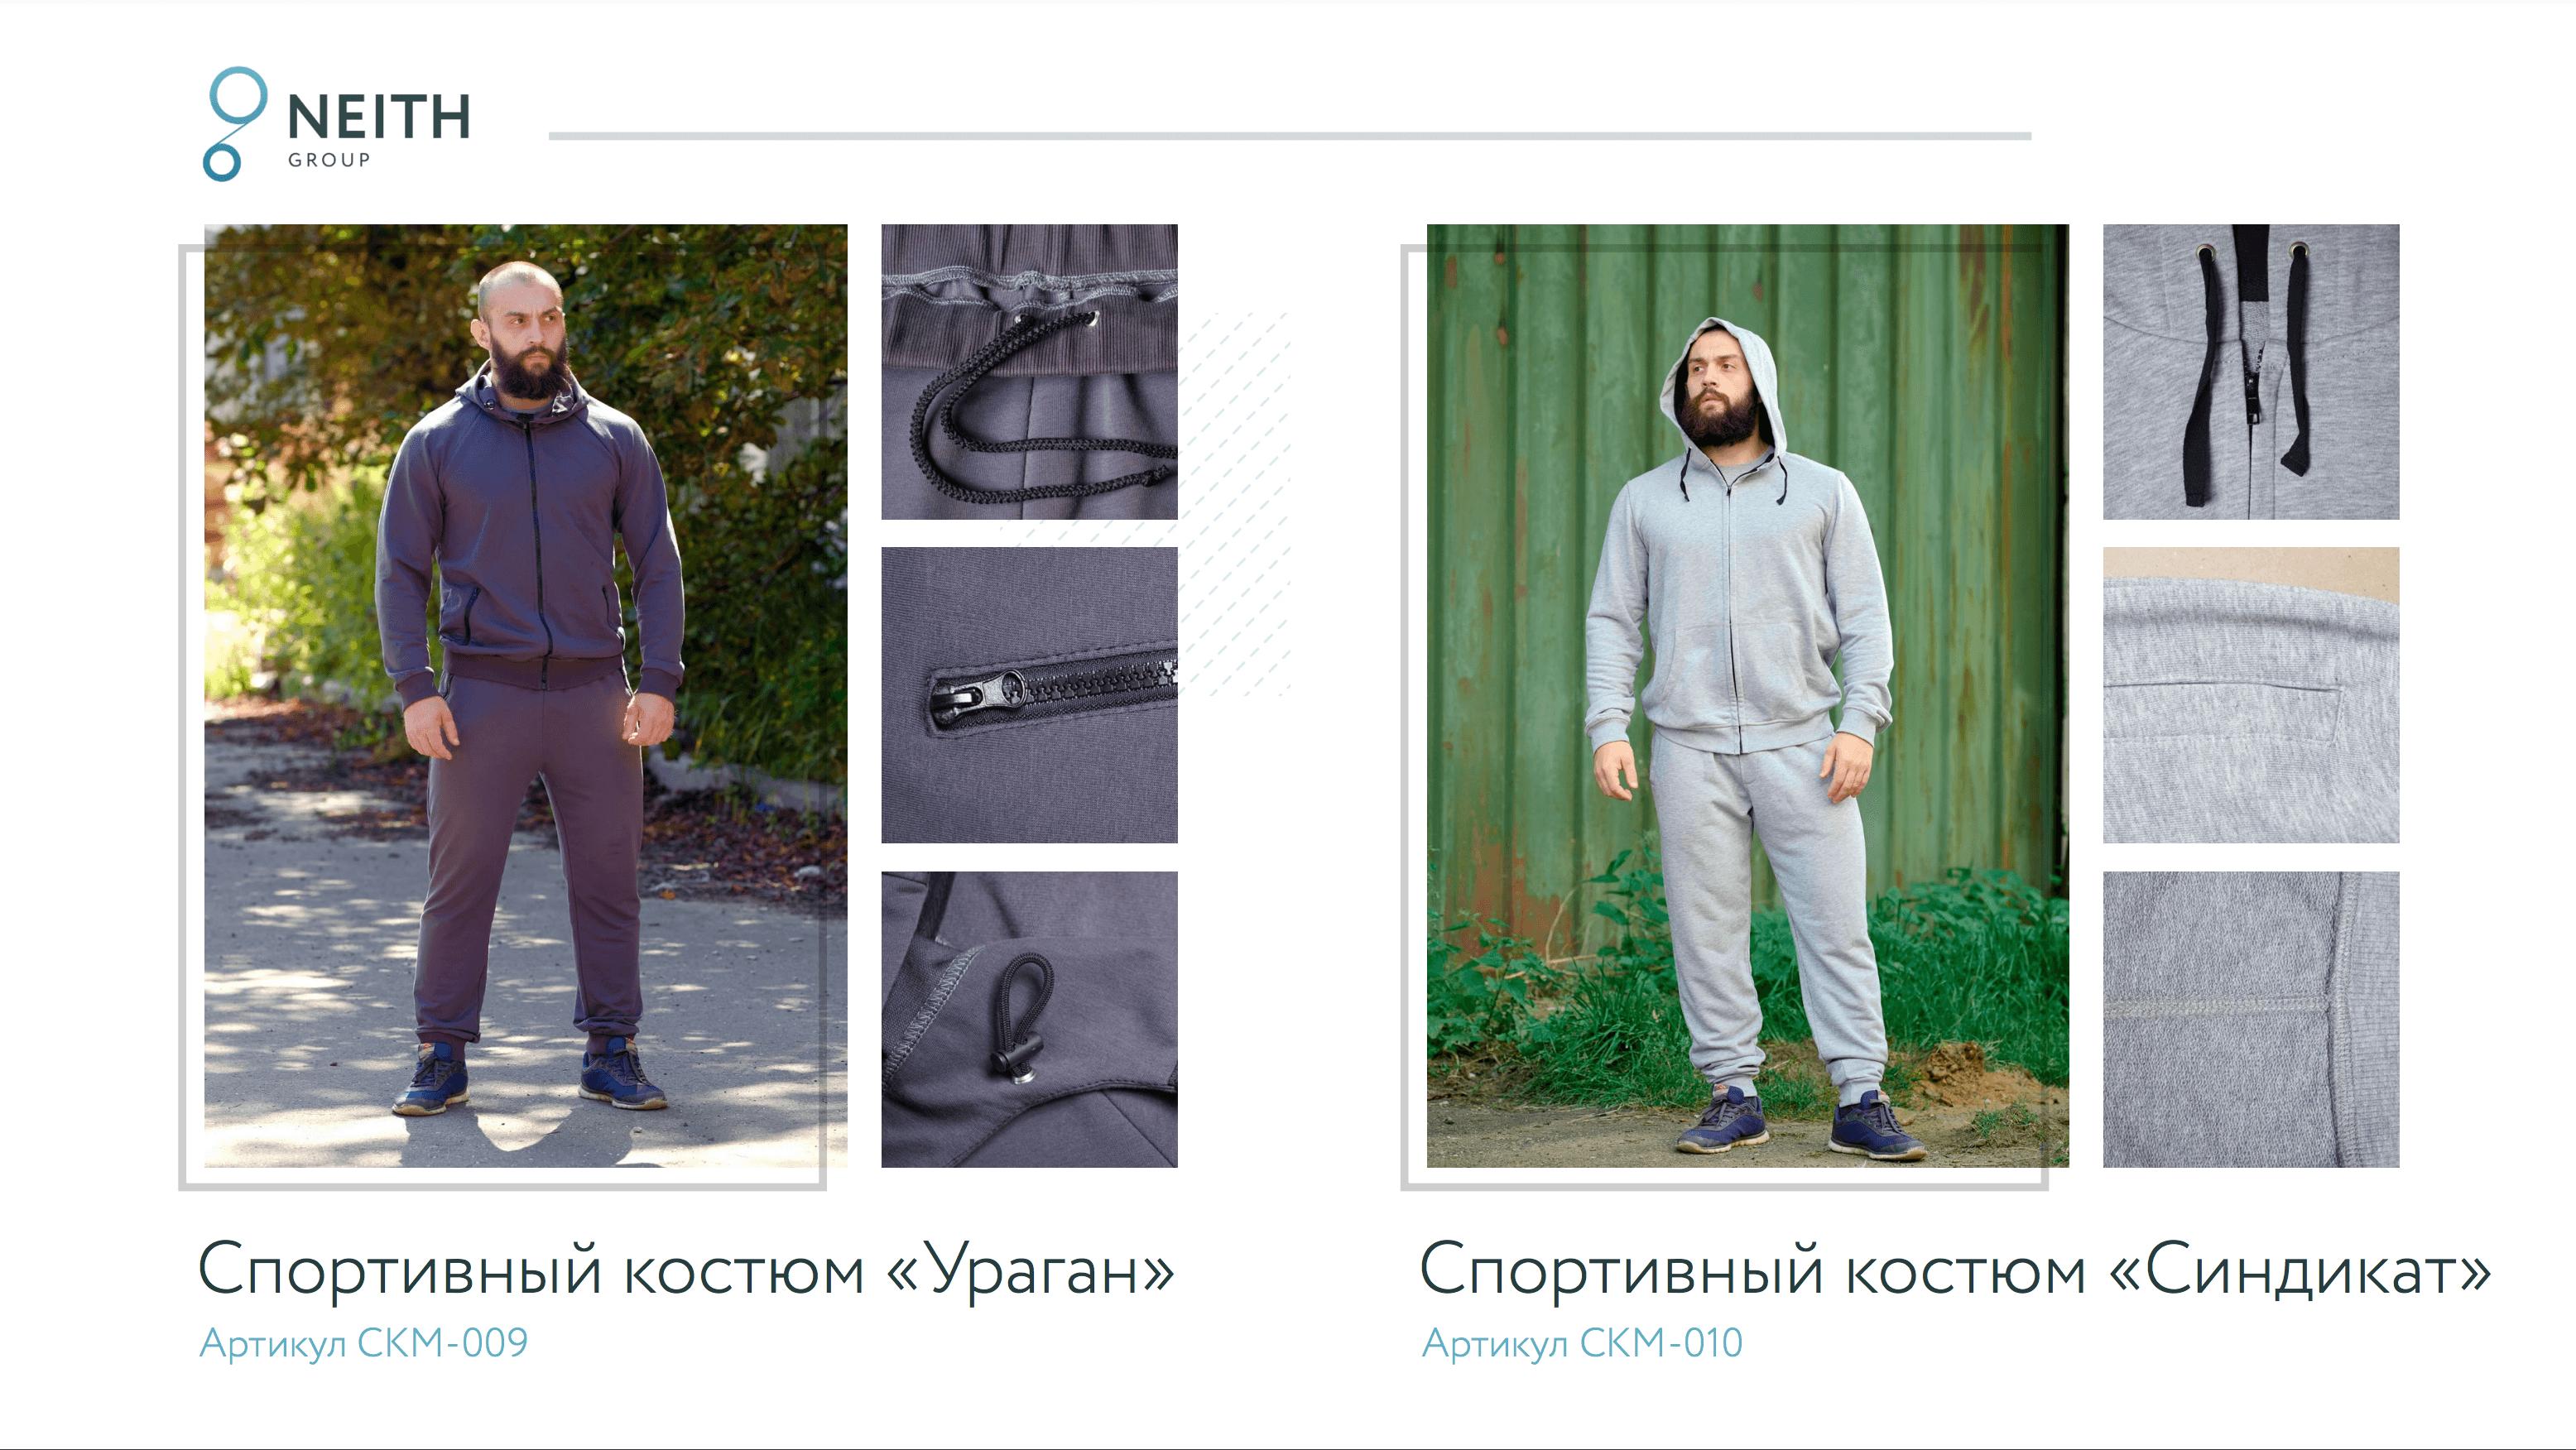 ee865d7cdba9 Заказчик может выбрать типовое изделие и прислать свои логотипы, чтобы  получилась фирменная одежда